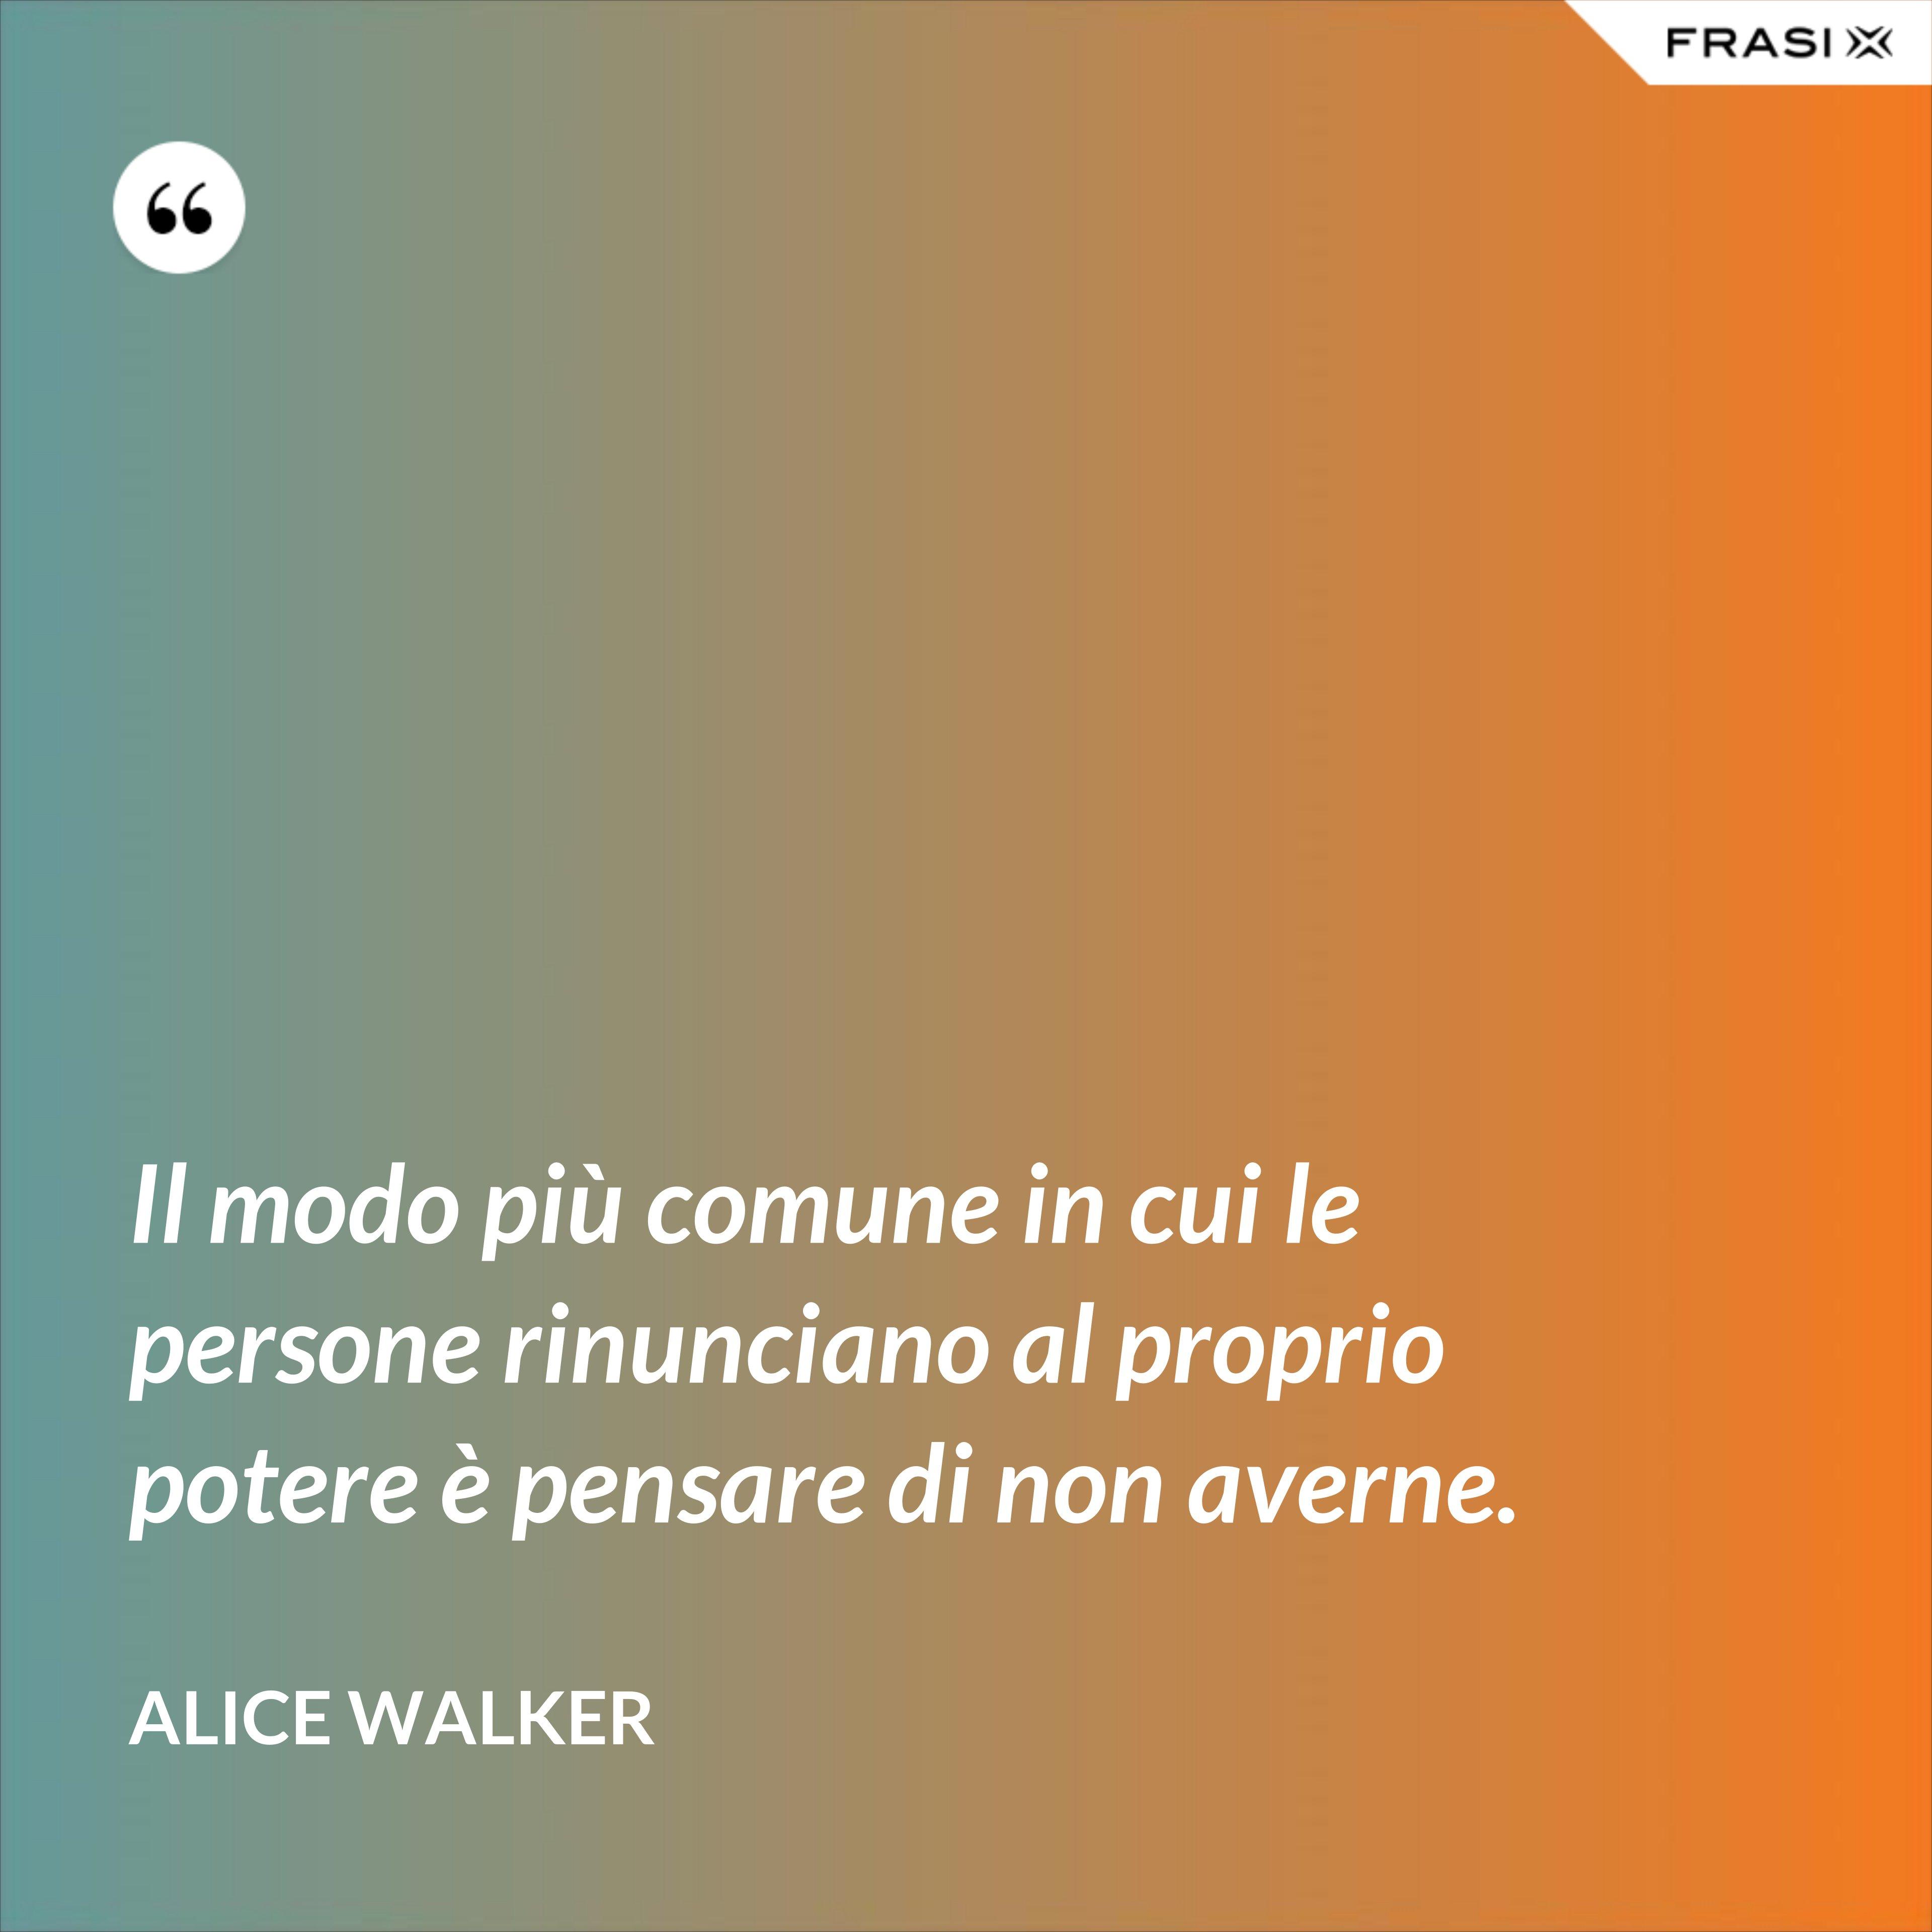 Il modo più comune in cui le persone rinunciano al proprio potere è pensare di non averne. - Alice Walker